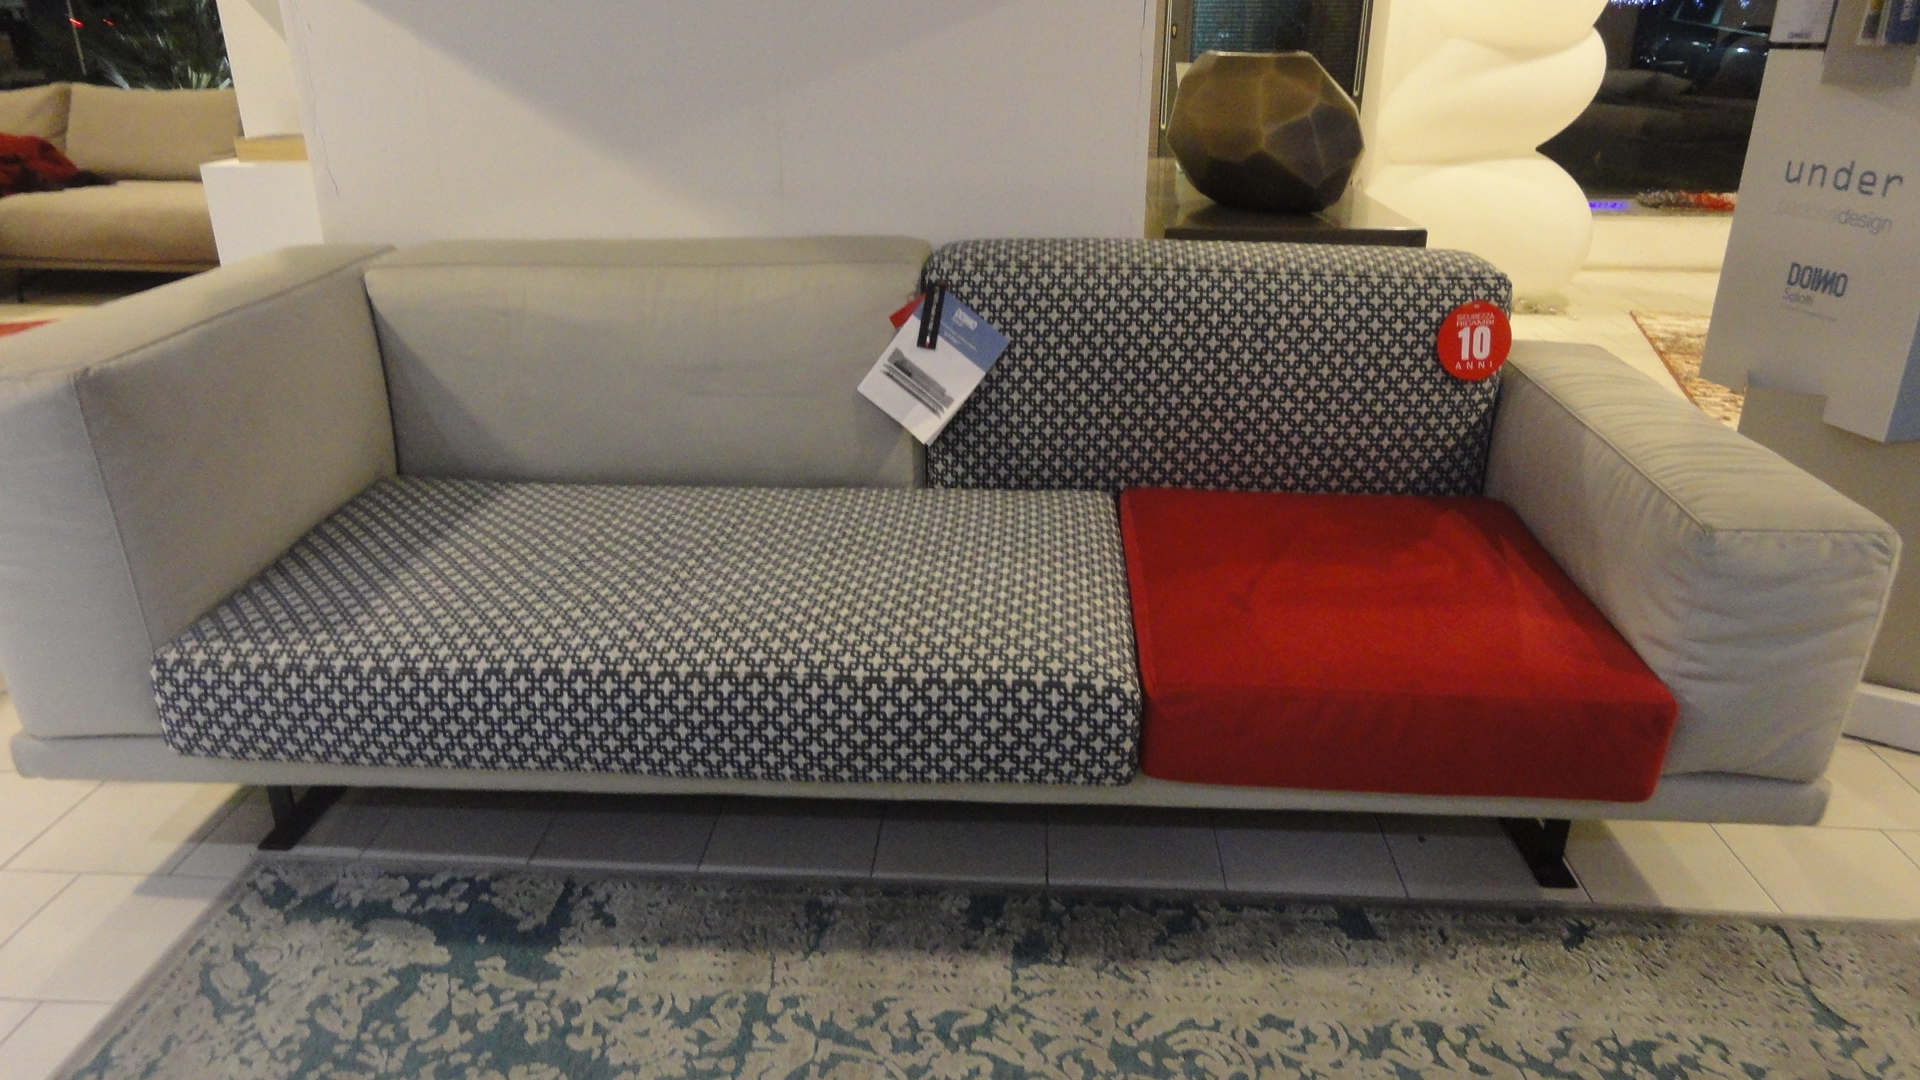 Doimo salotti divano under divani lineari divani a prezzi scontati - Divano doimo prezzo ...